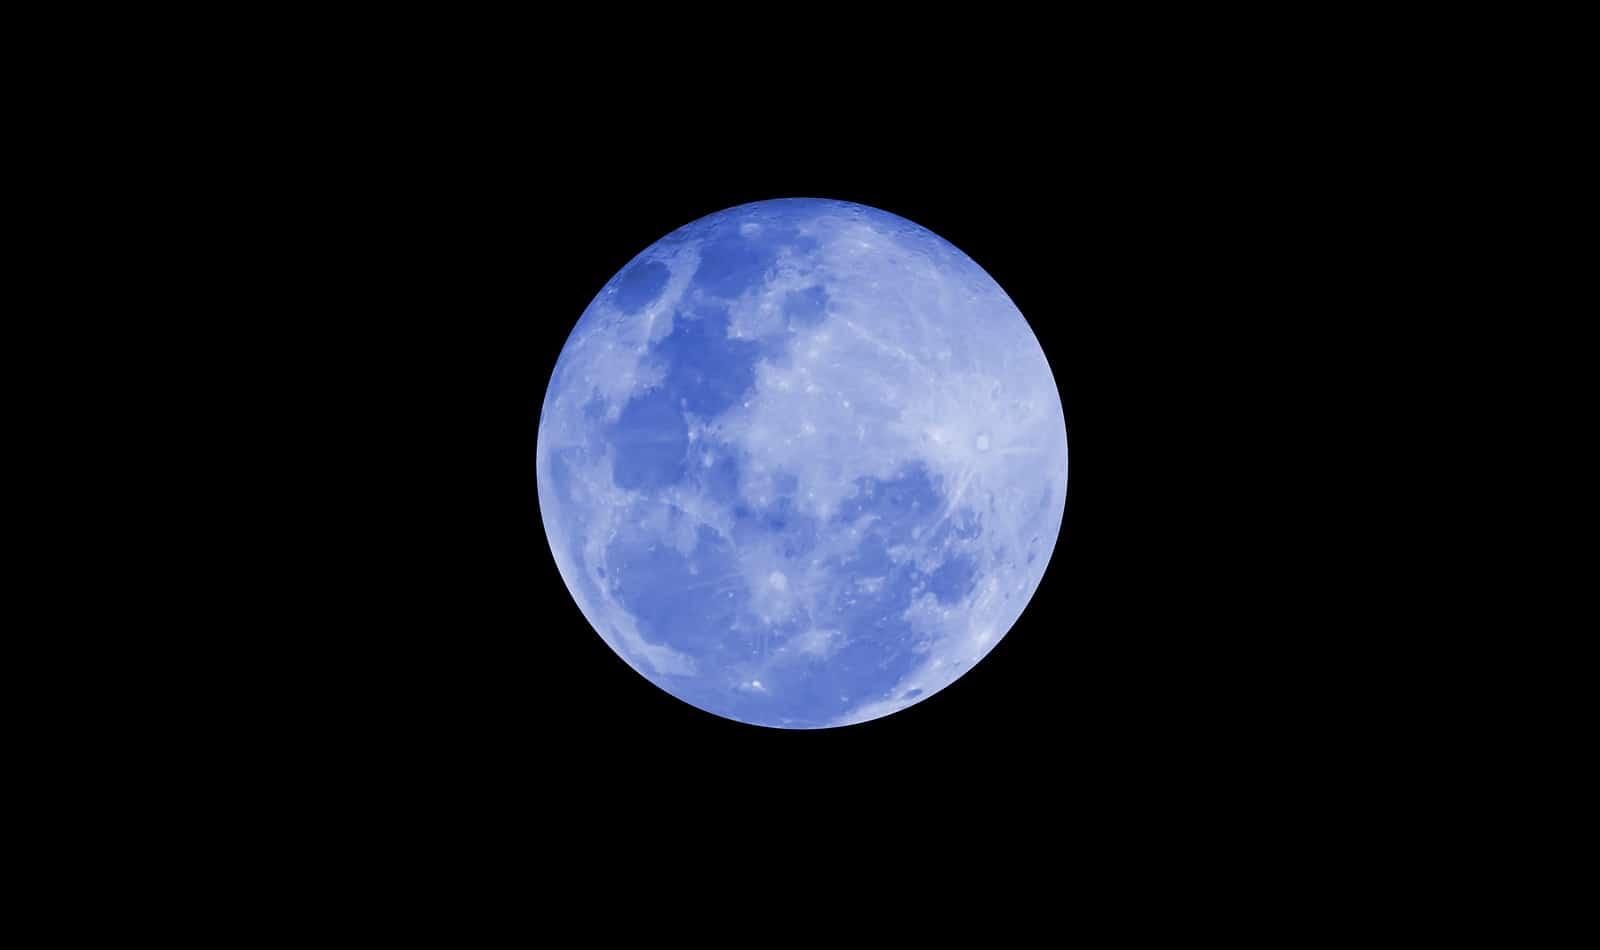 fenómeno cósmico de la luna azul